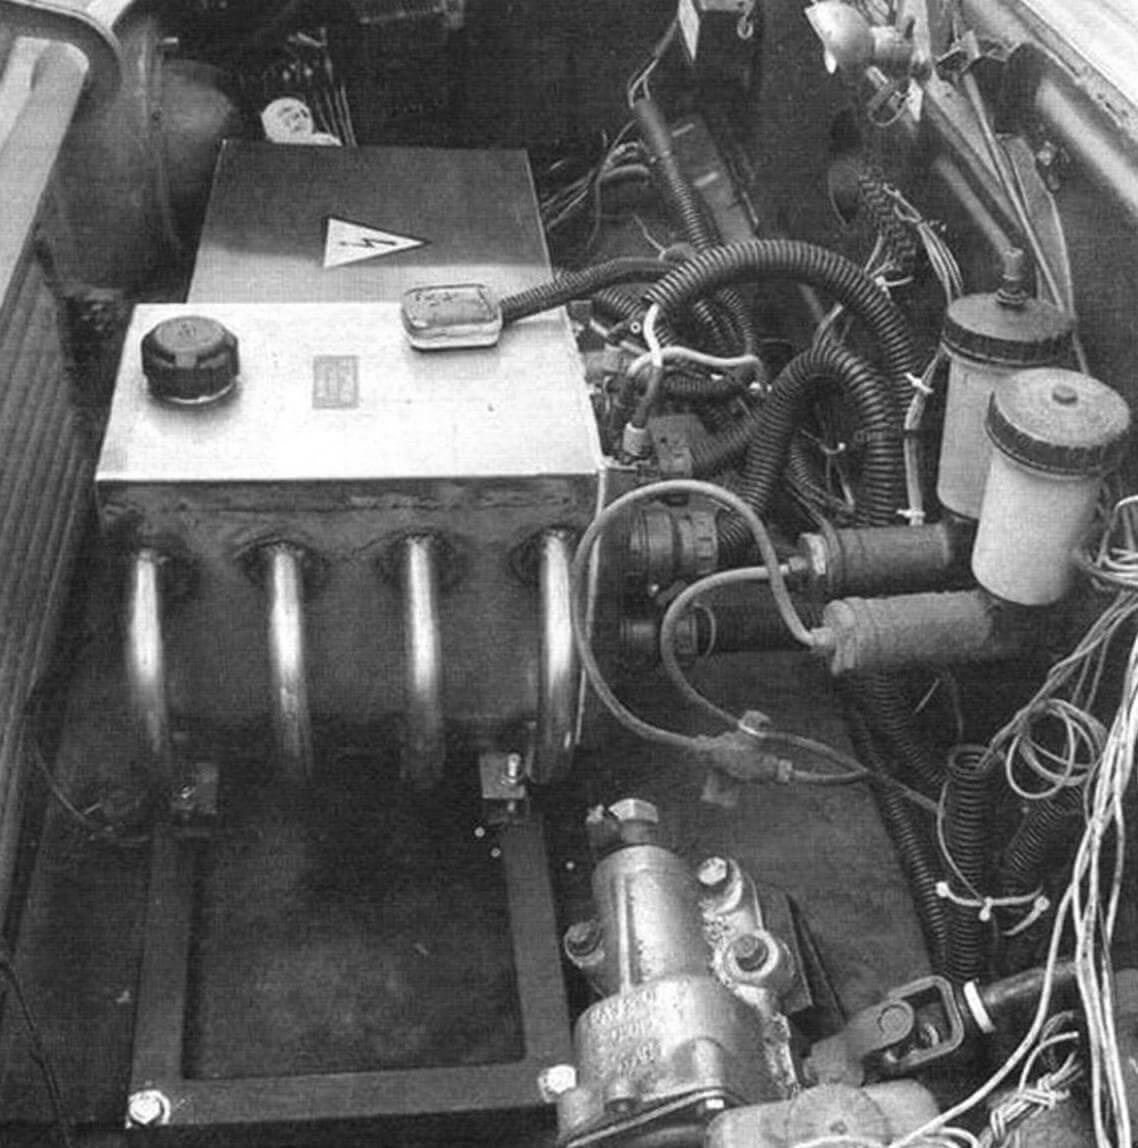 Вместо ДВС - контроллер, управляющий моторами по команде водителя. Для охлаждения он помещен в герметичный корпус из нержавейки и залит трансформаторным маслом